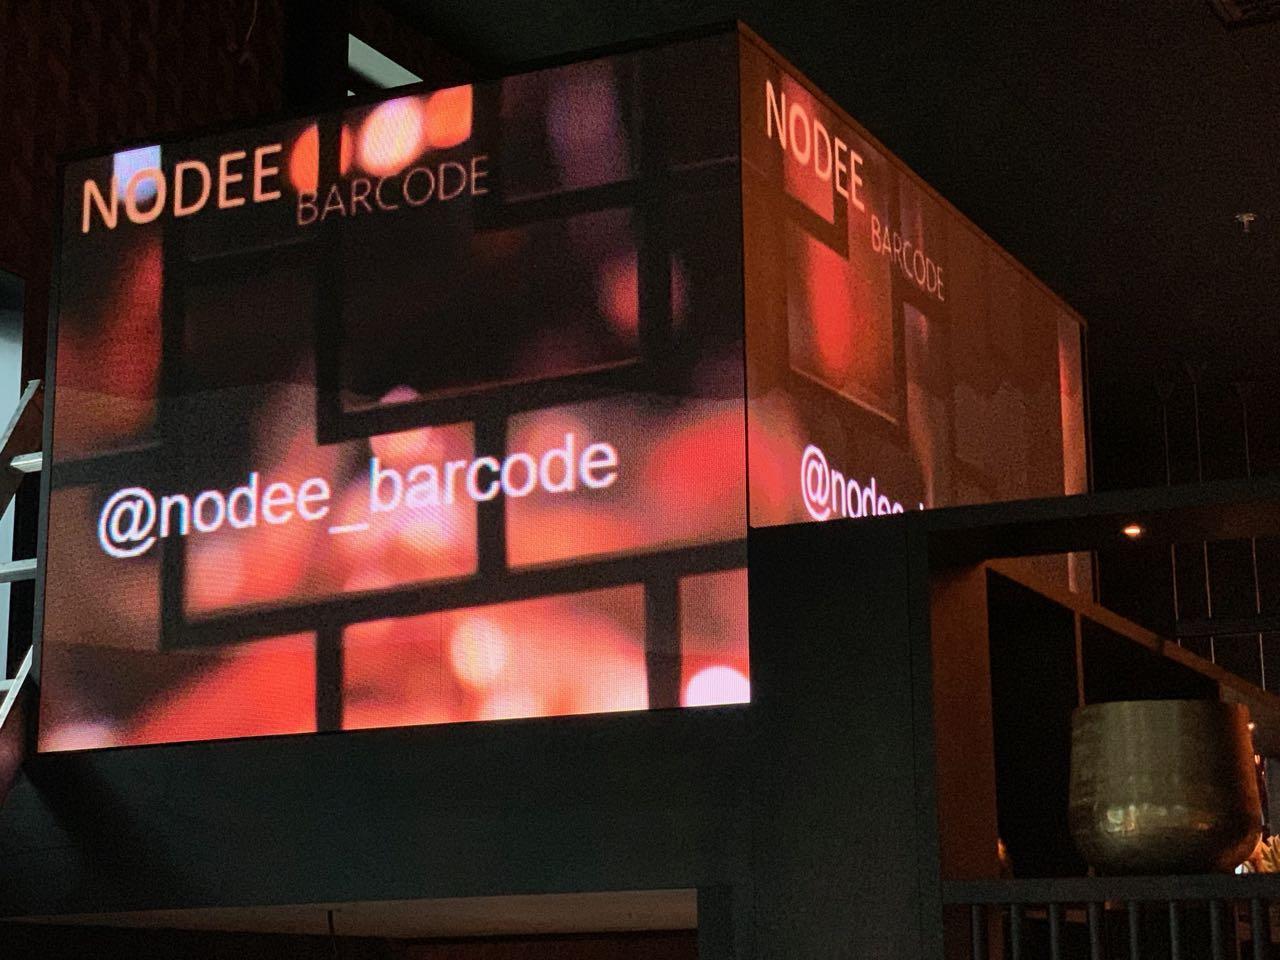 Ny spektakulær opplevelse @Nodee Barcode